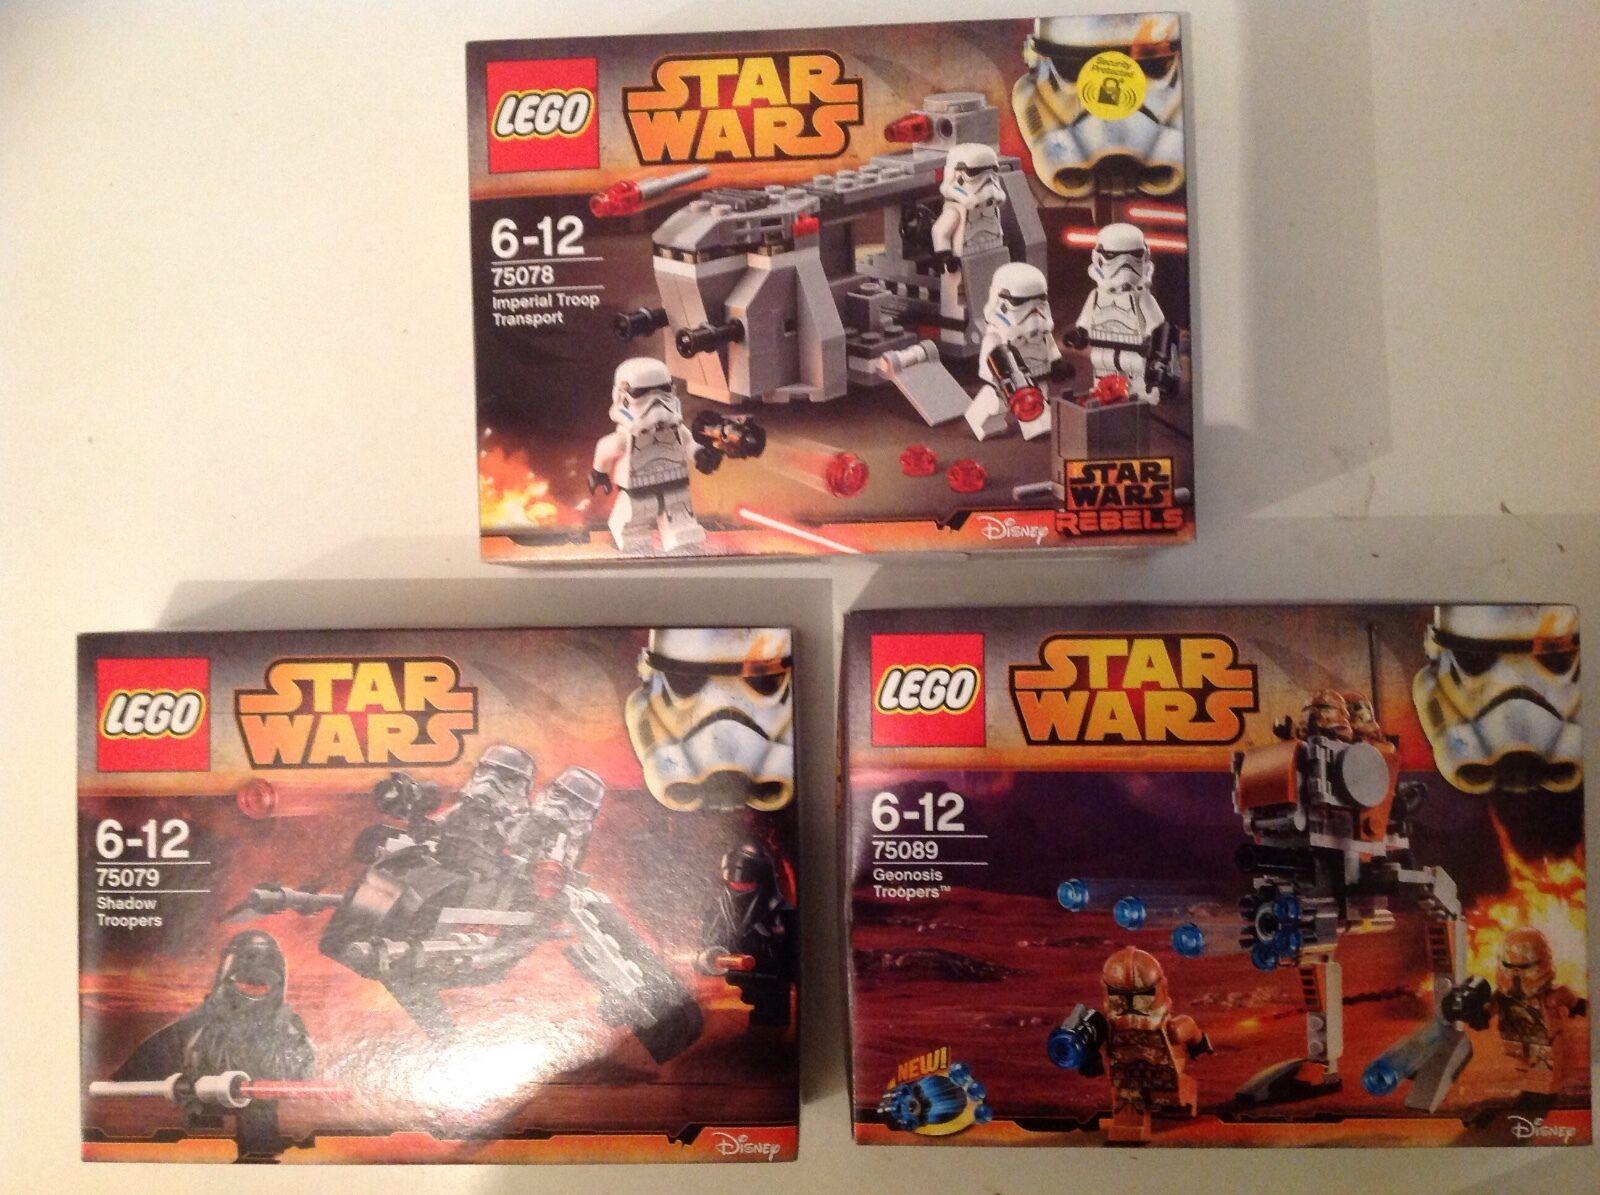 3 neuf lego lego star wars sets  75078 75079 75089 avec 12 star wars mini figures  la meilleure sélection de